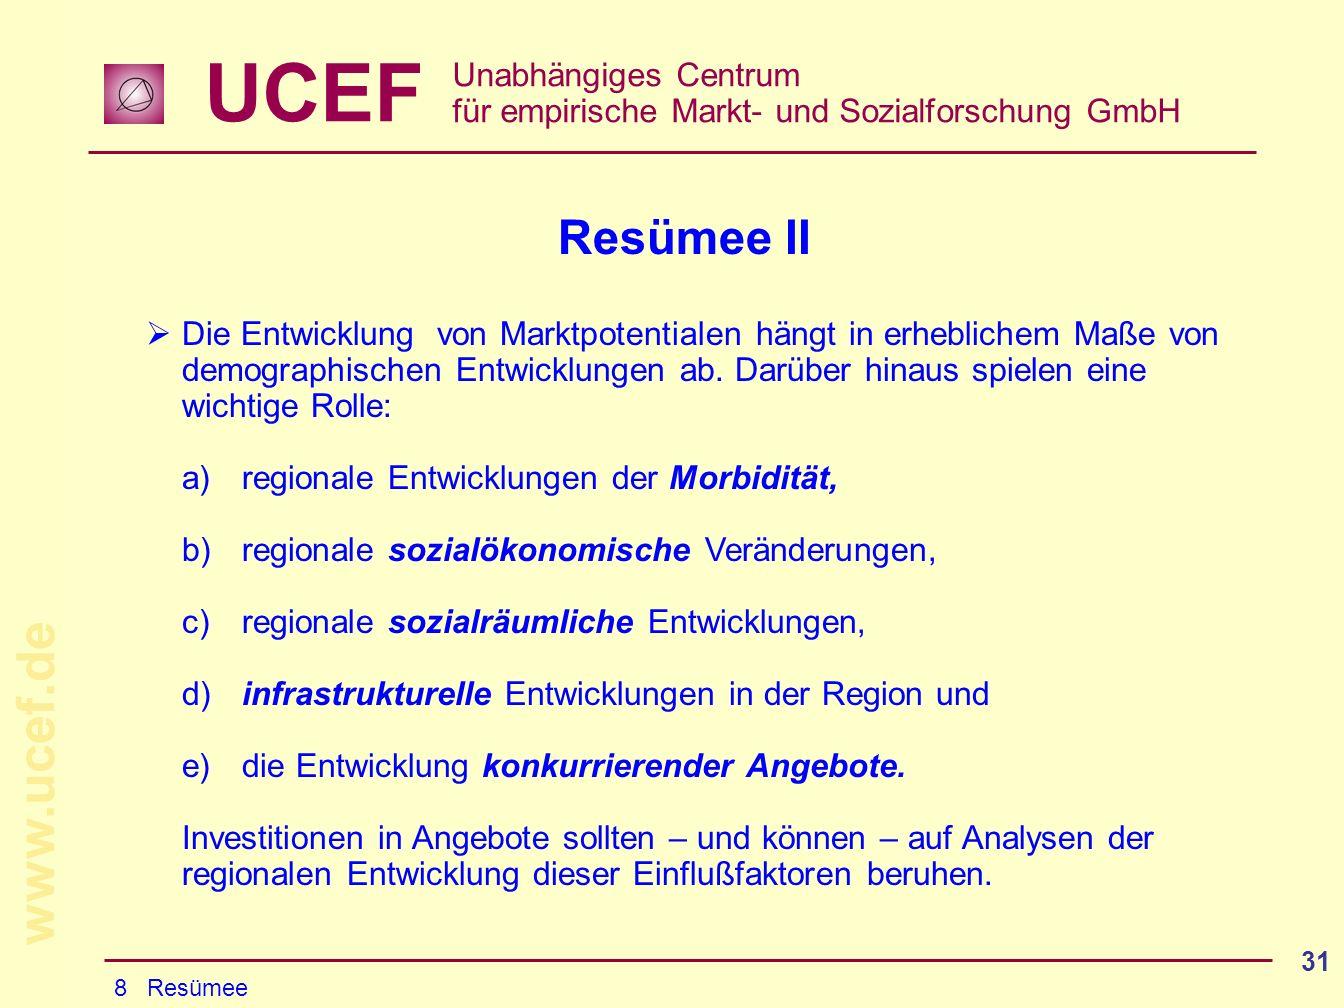 UCEF Unabhängiges Centrum für empirische Markt- und Sozialforschung GmbH www.ucef.de 31 8 Resümee Resümee II Die Entwicklung von Marktpotentialen hängt in erheblichem Maße von demographischen Entwicklungen ab.